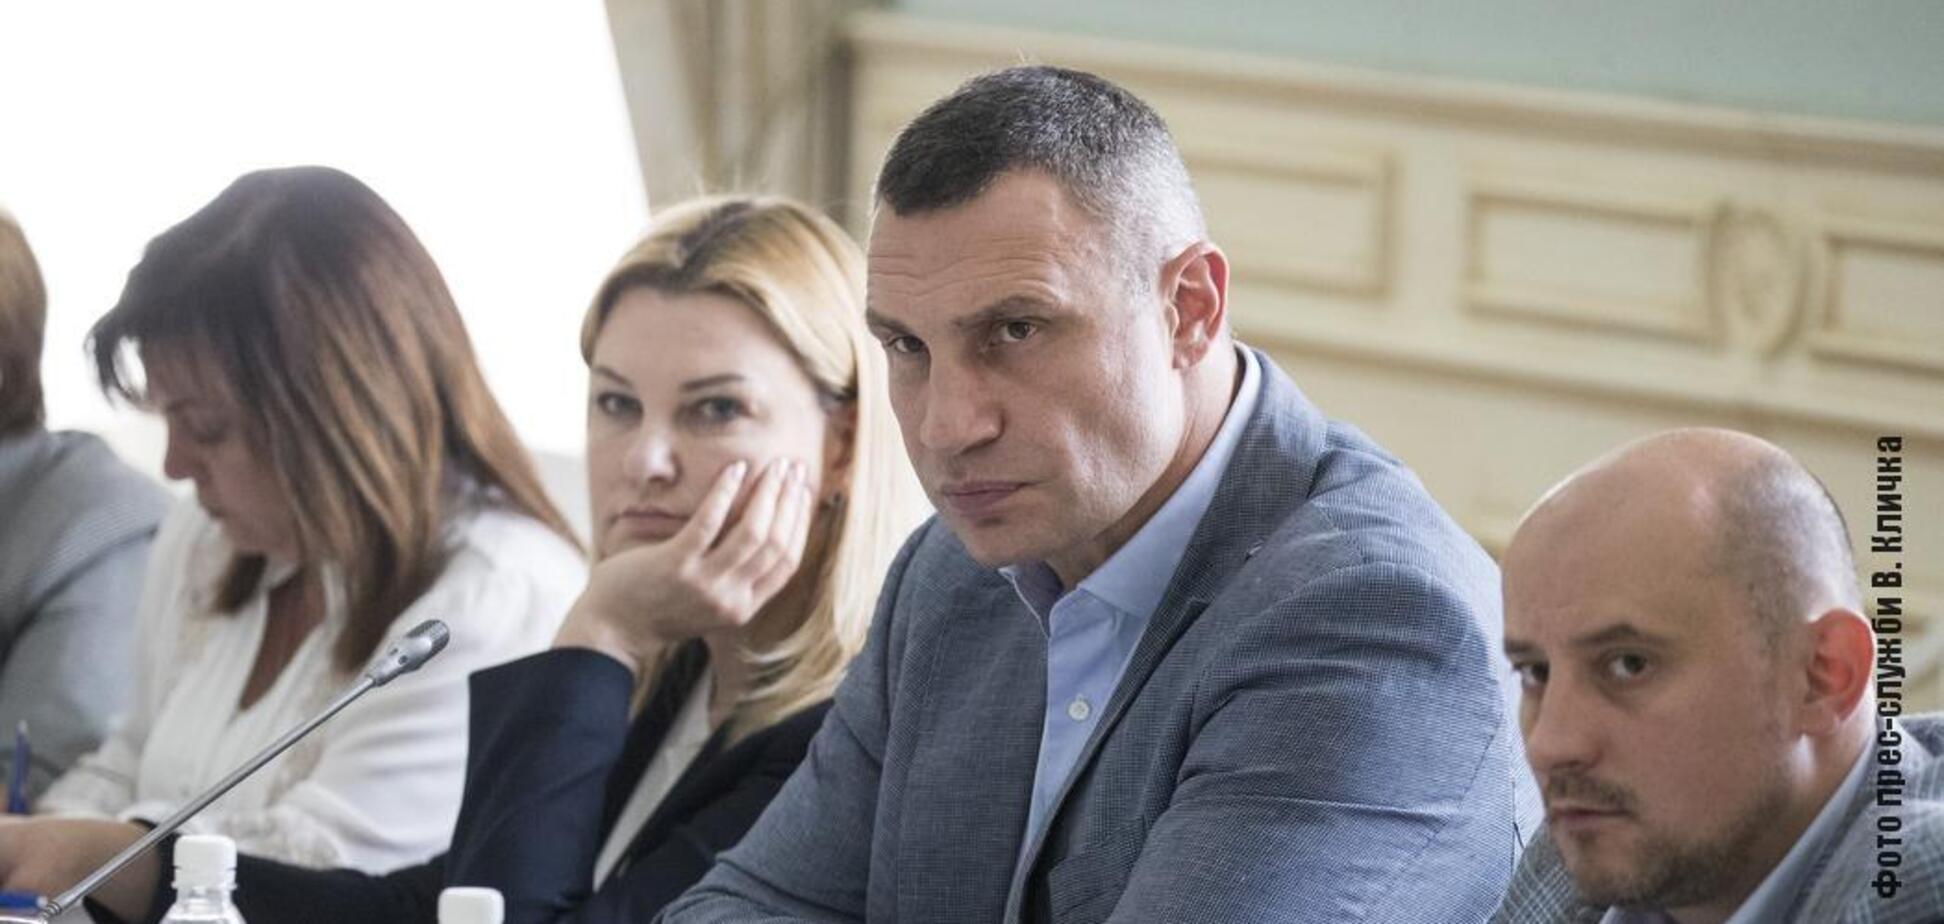 АГУ обратилась к власти из-за приближения отопительного сезона: что предложила